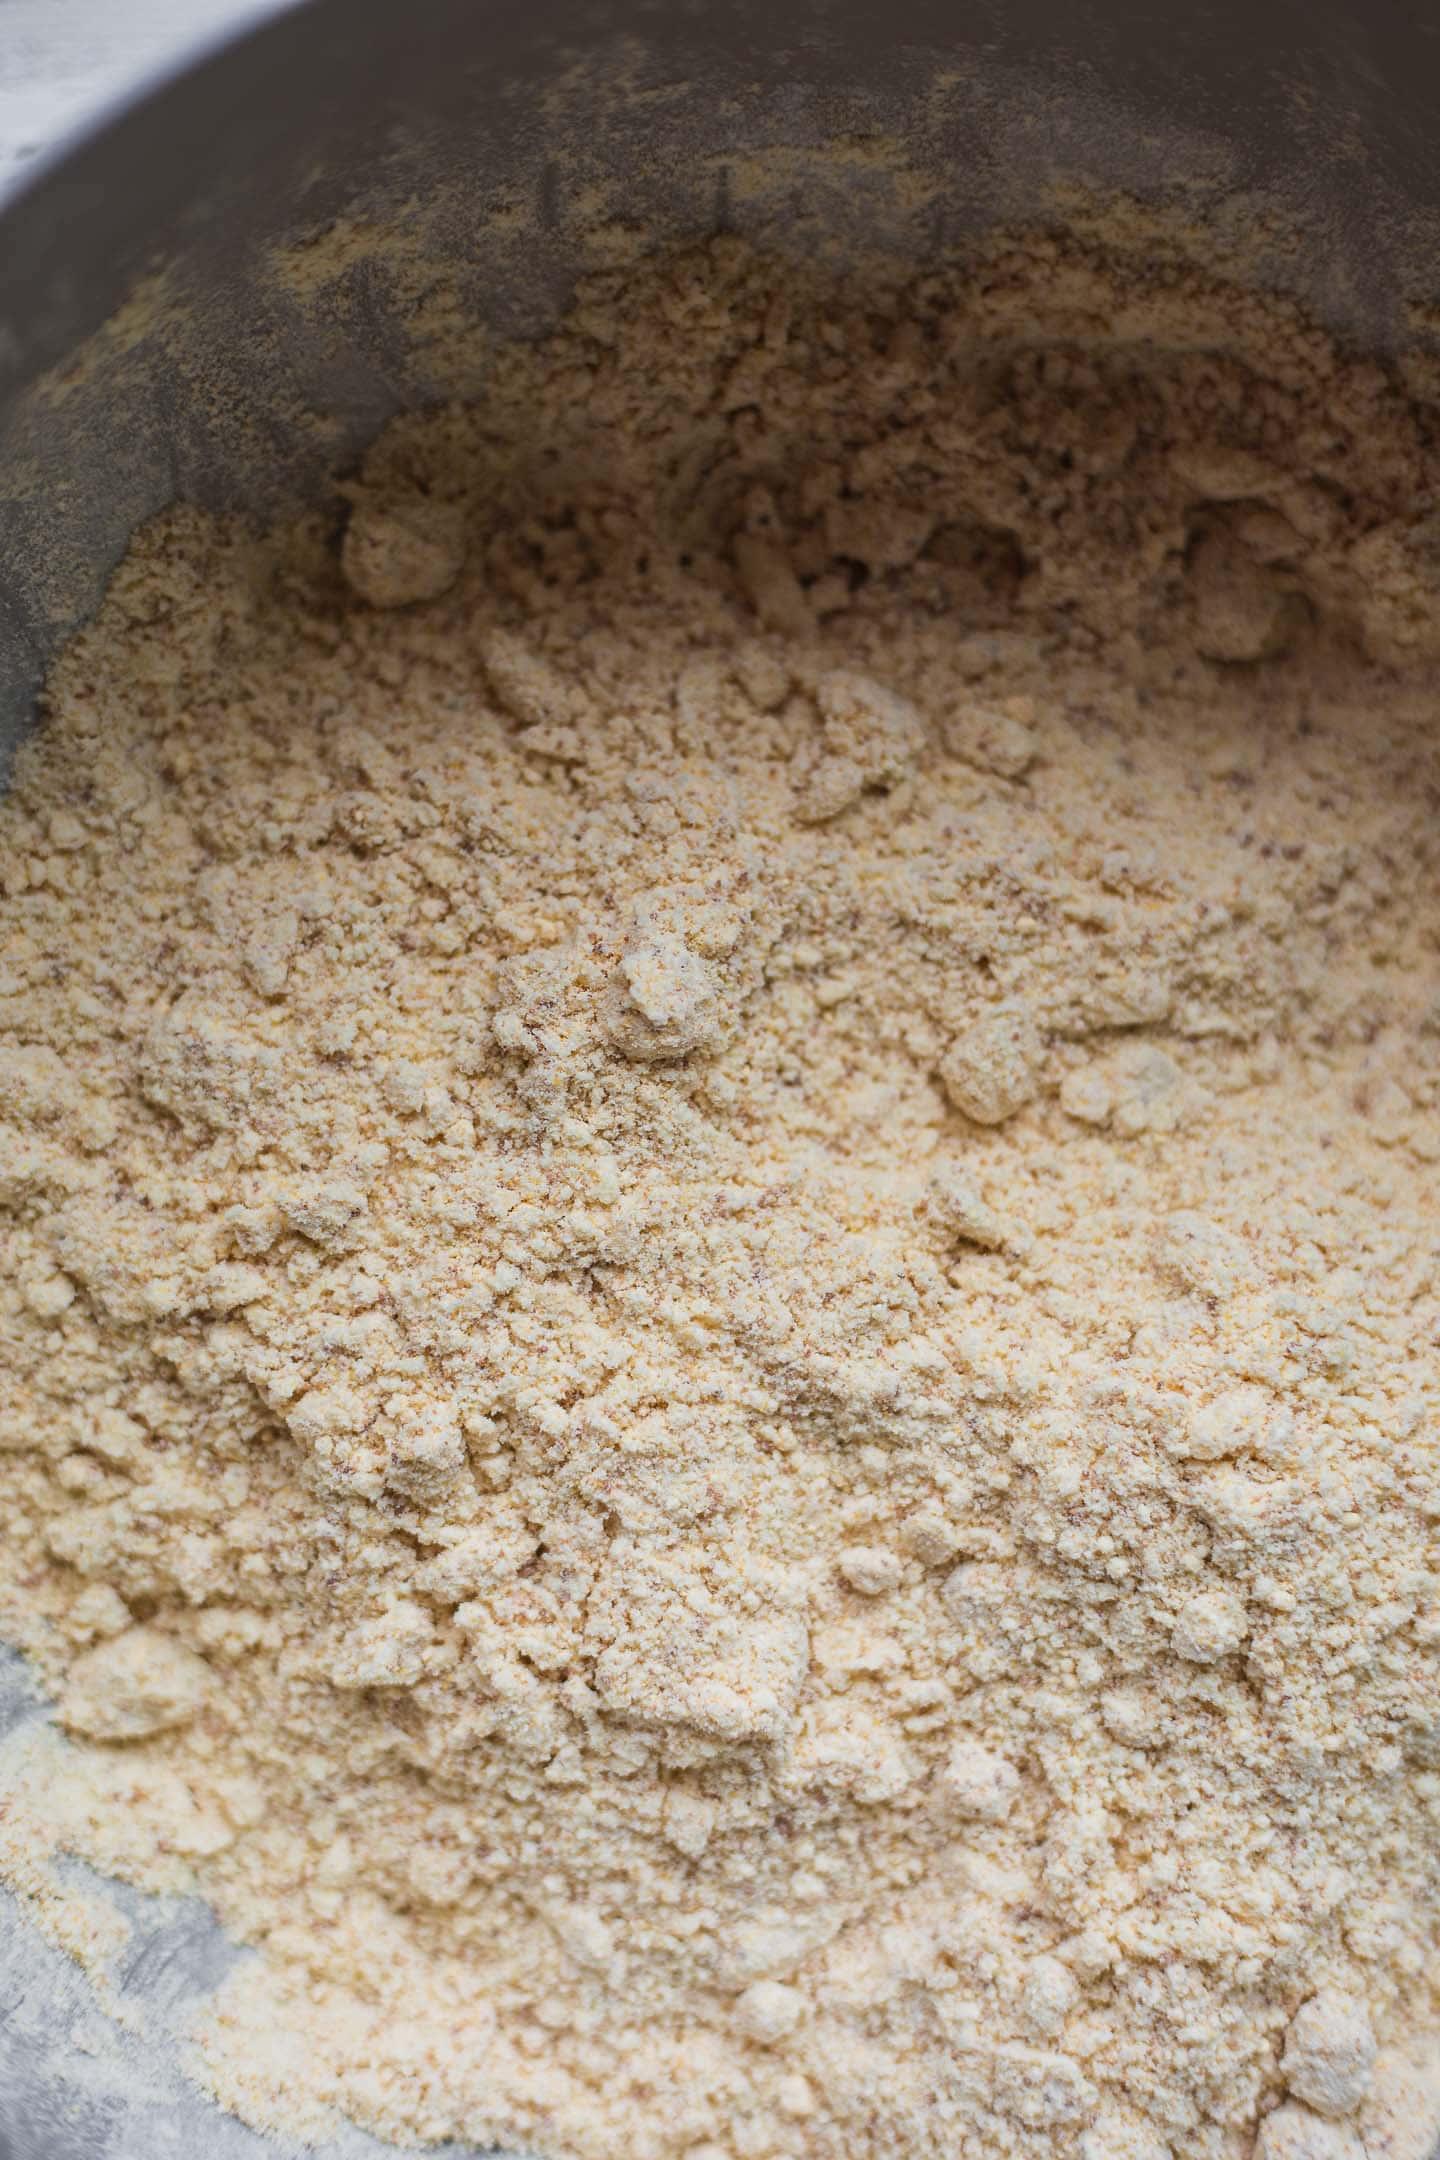 Pie crust dry ingredients